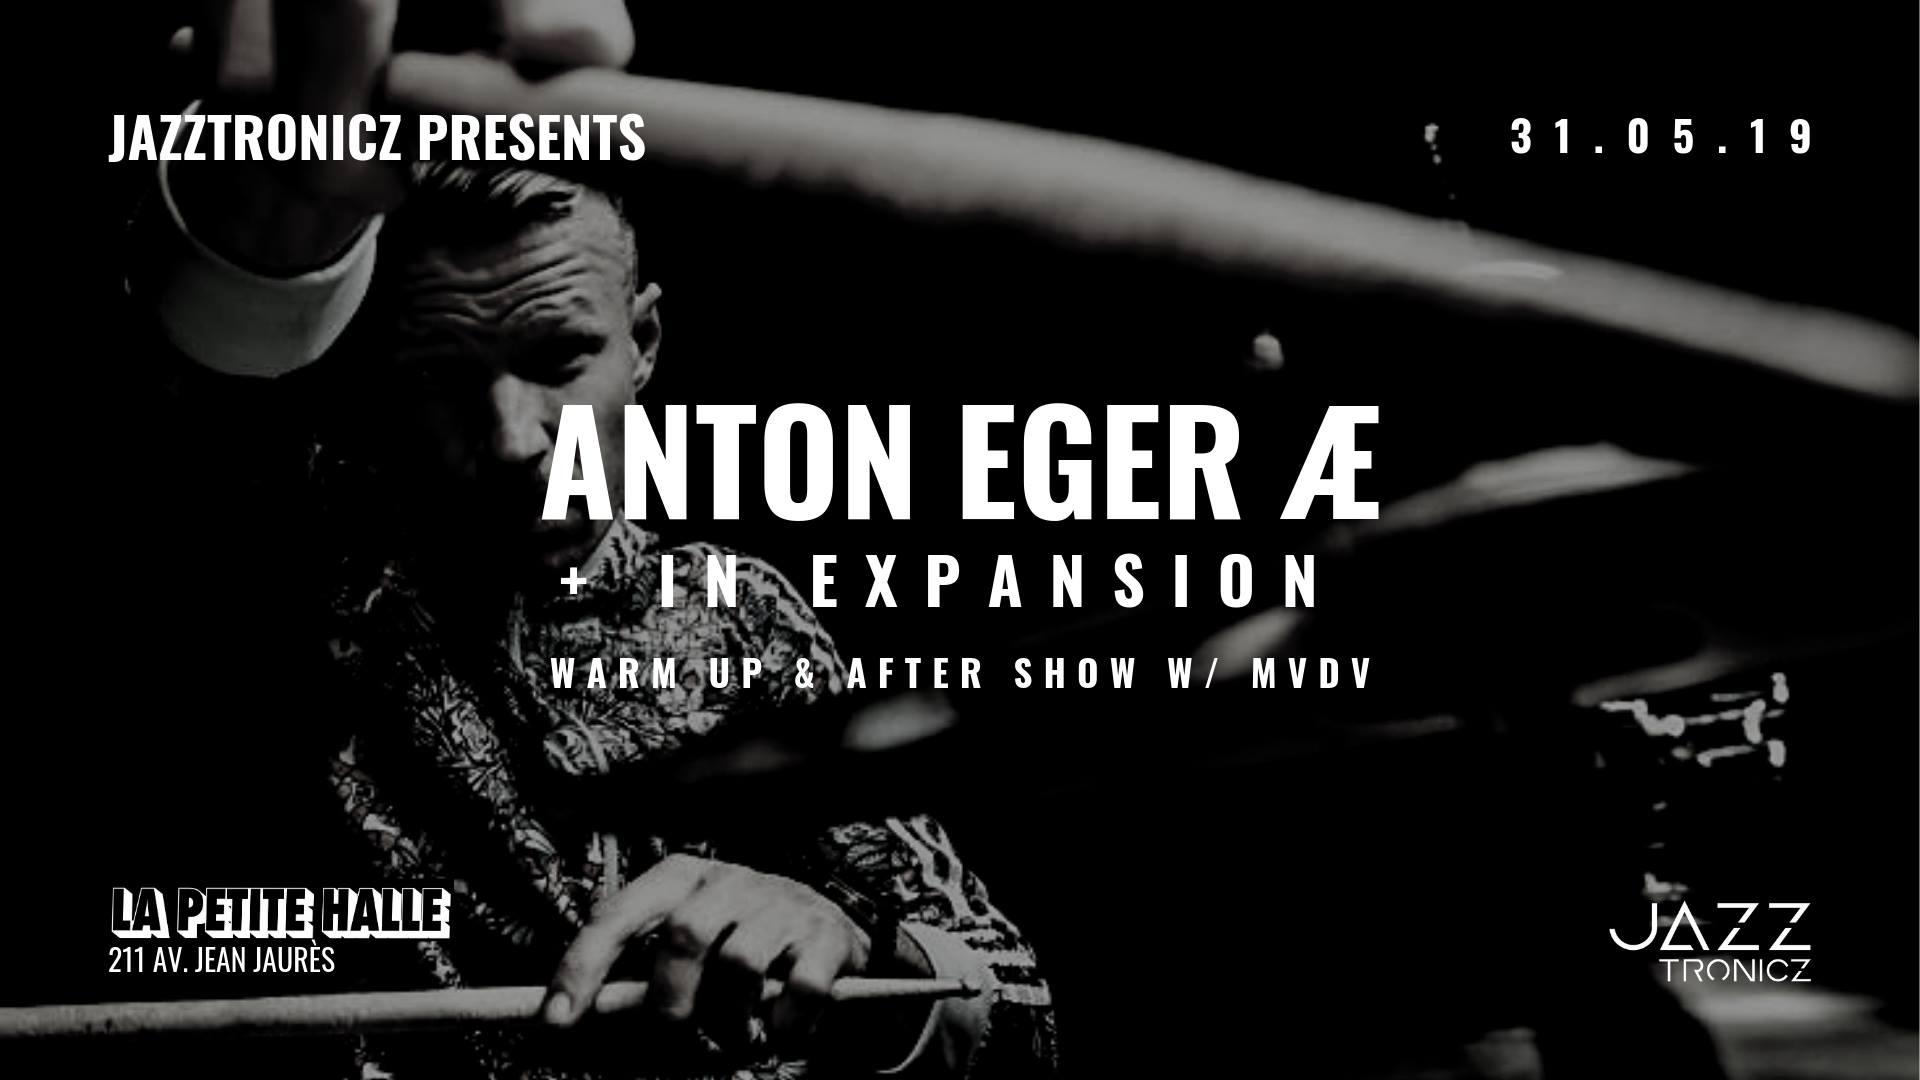 Jazztronicz presents Anton Eger Æ + In Expansion à La Petite Halle le 31 mai 2019